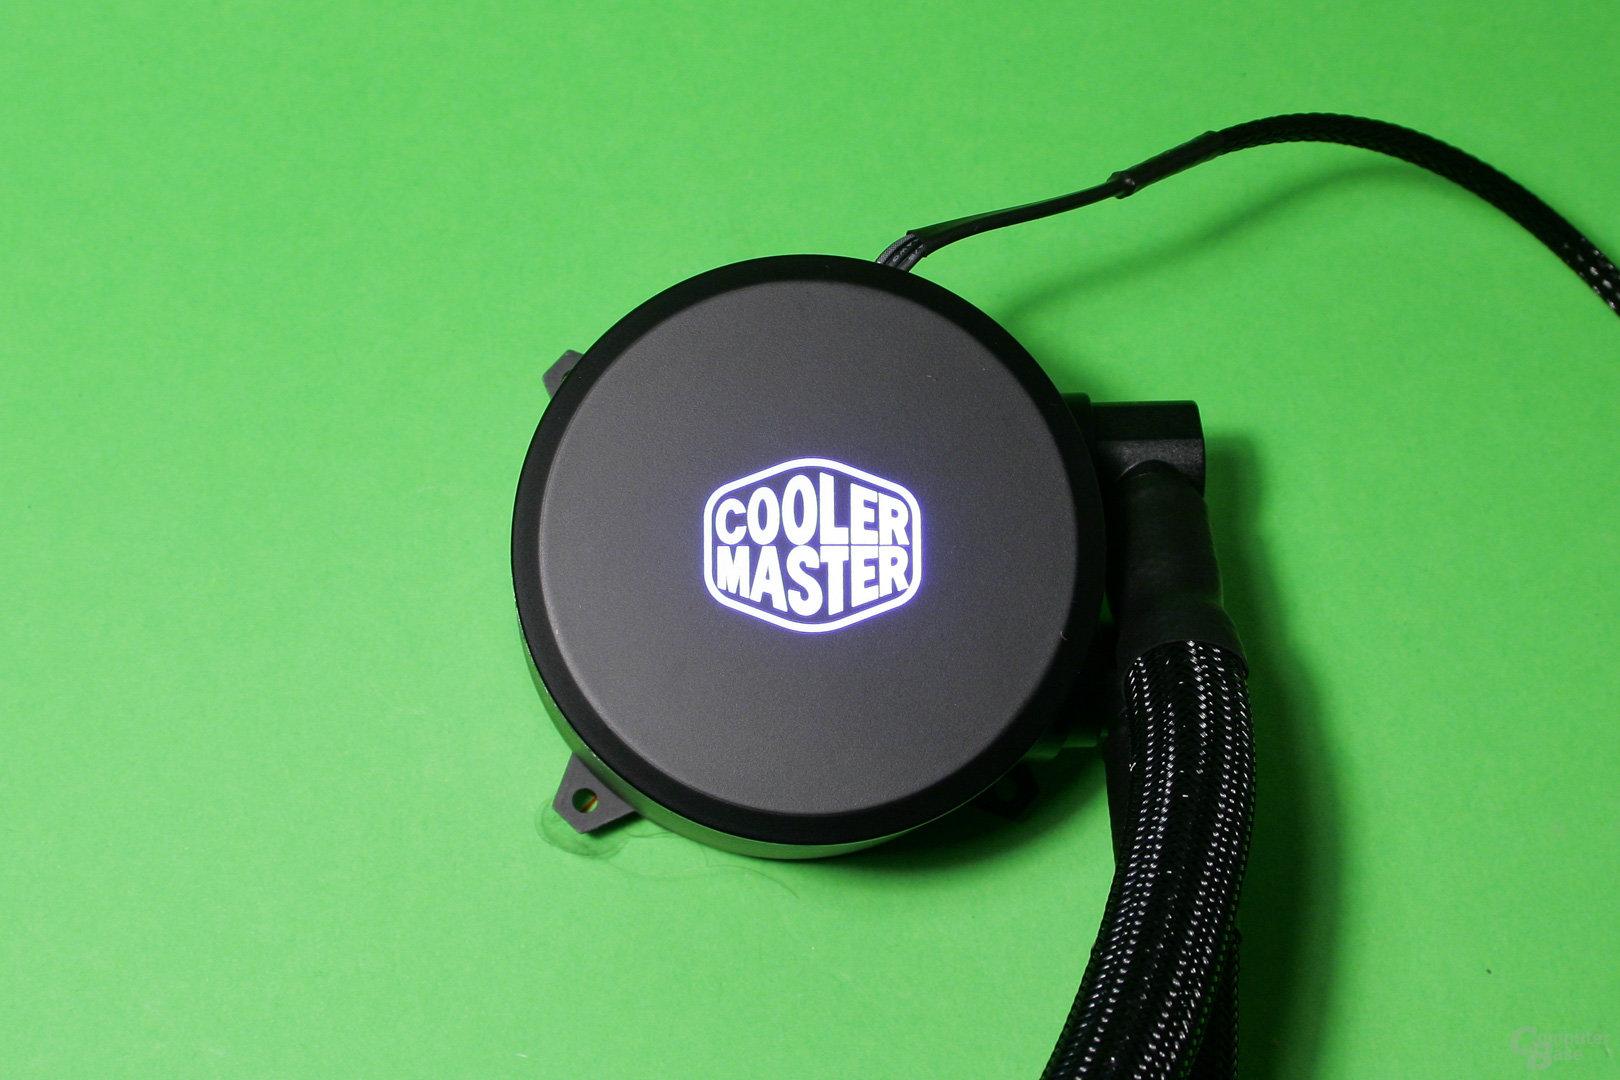 Cooler Master Masterliquid 240: Pumpe mit beleuchtetem Herstellerlogo (an)